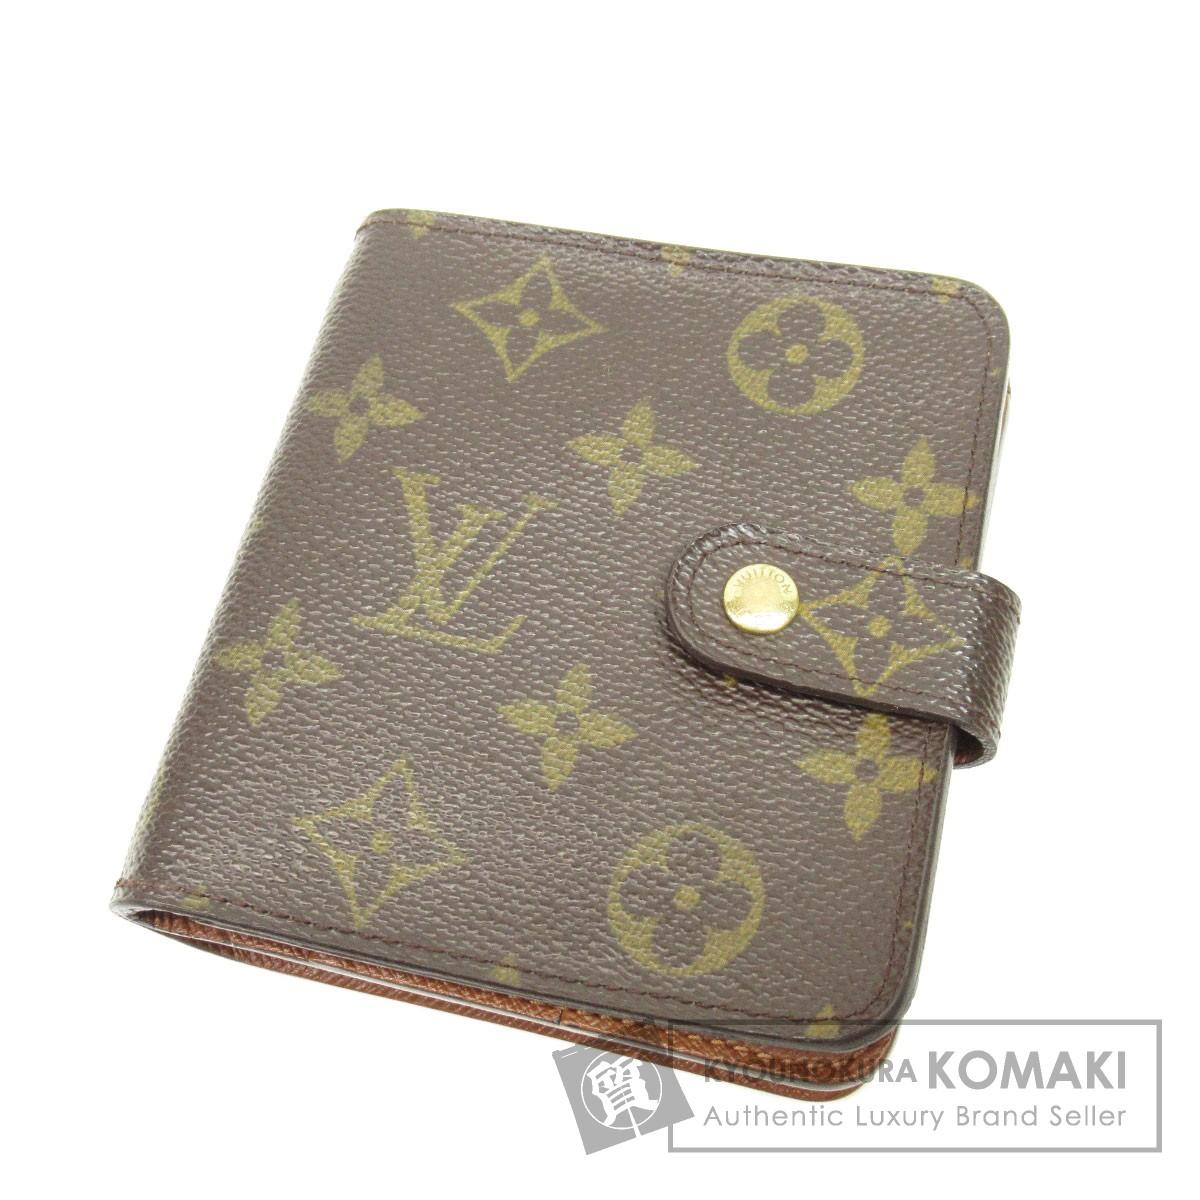 LOUIS VUITTON M61667 コンパクトジップ 二つ折り財布(小銭入れあり) モノグラムキャンバス レディース 【中古】【ルイ・ヴィトン】